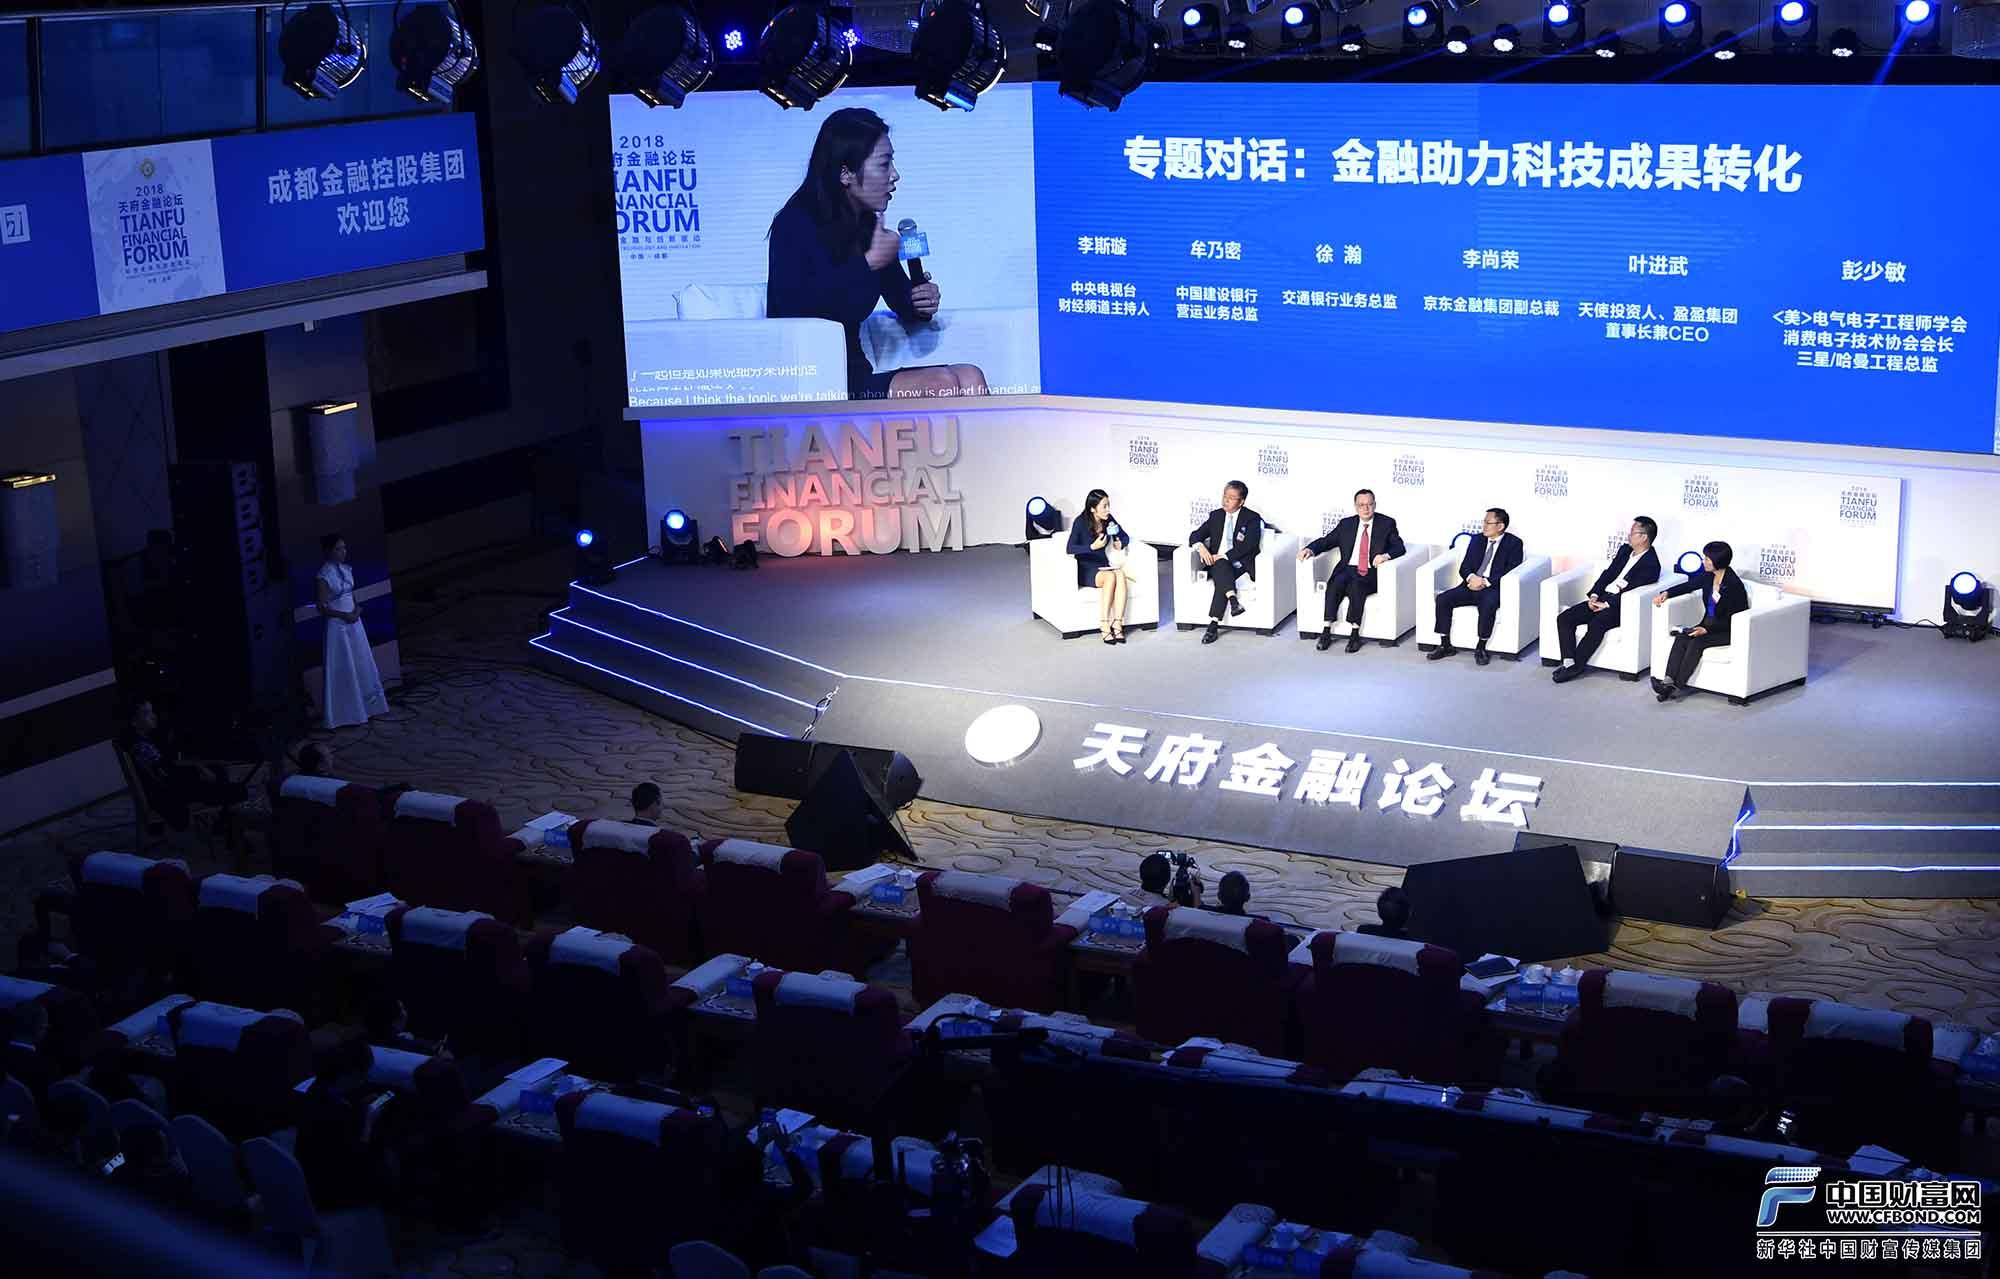 天府金融论坛专题对话:金融助力科技成果转化